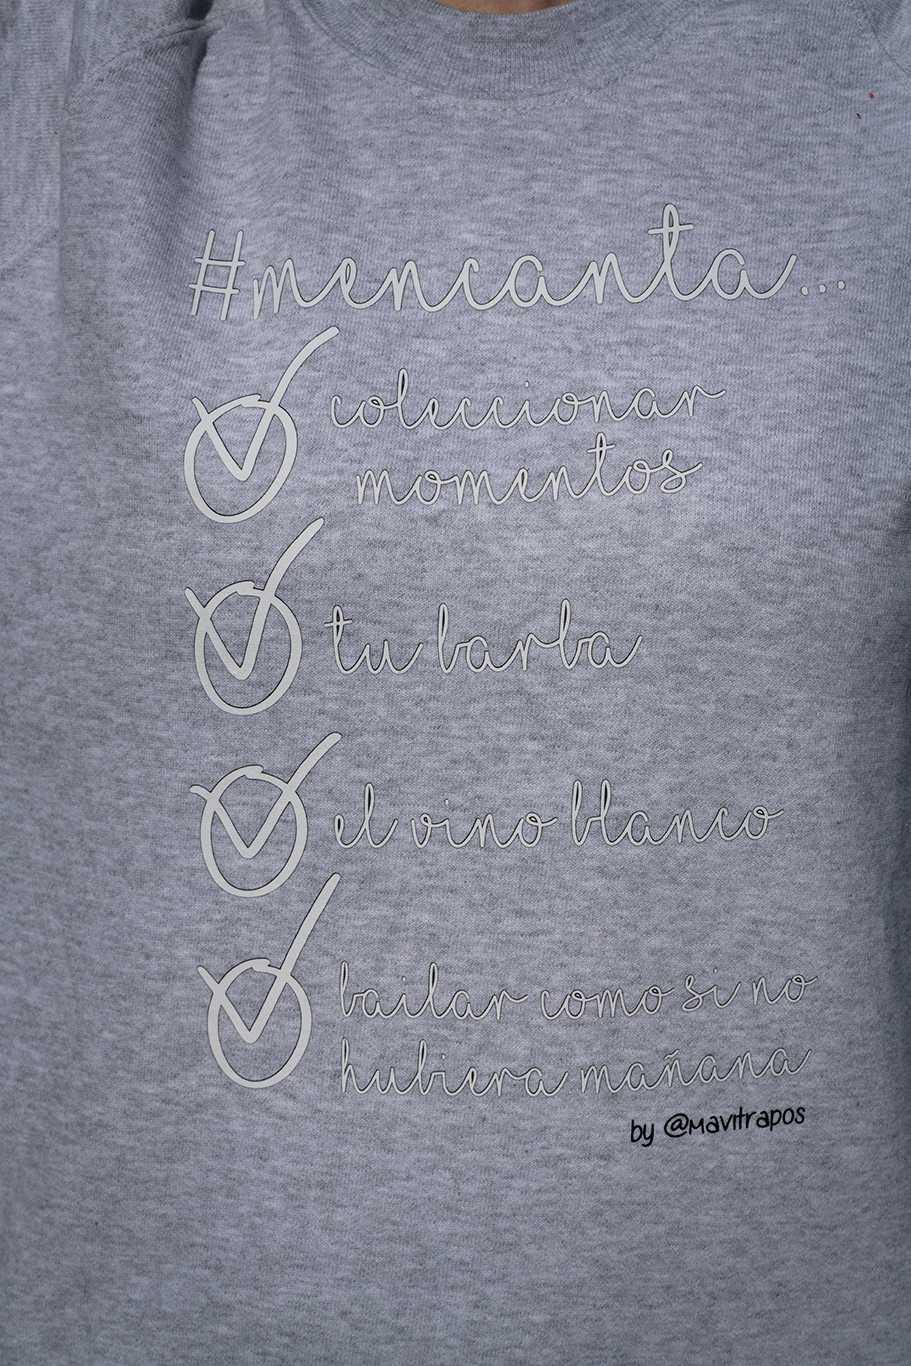 sudadera personalizada diseñada por blogger #mencanta